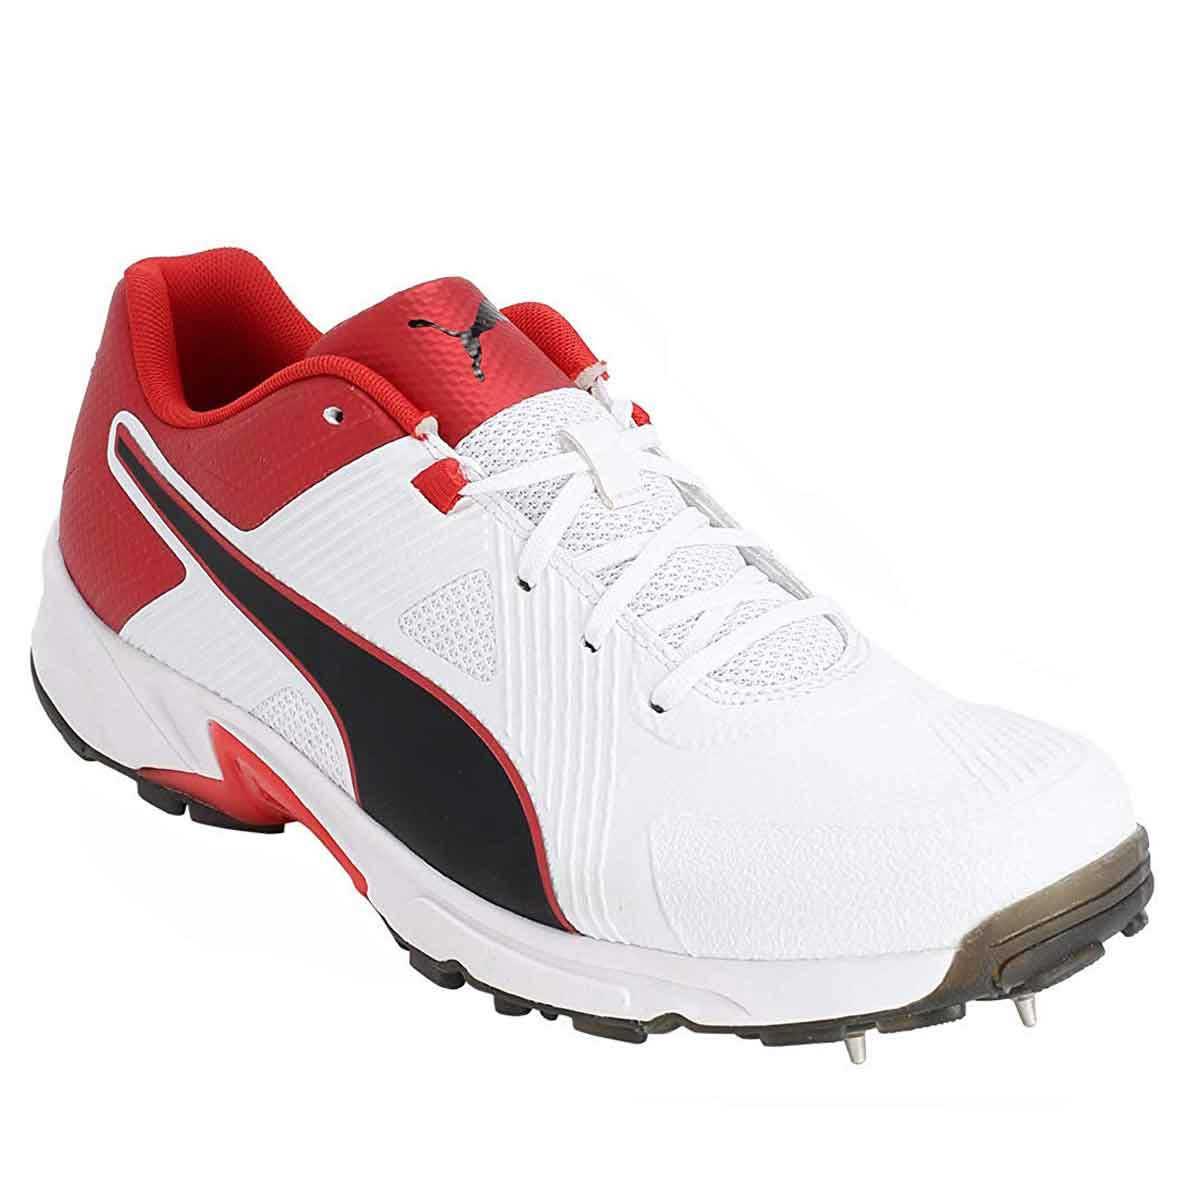 Puma Spike 19.1 Cricket Shoes (White